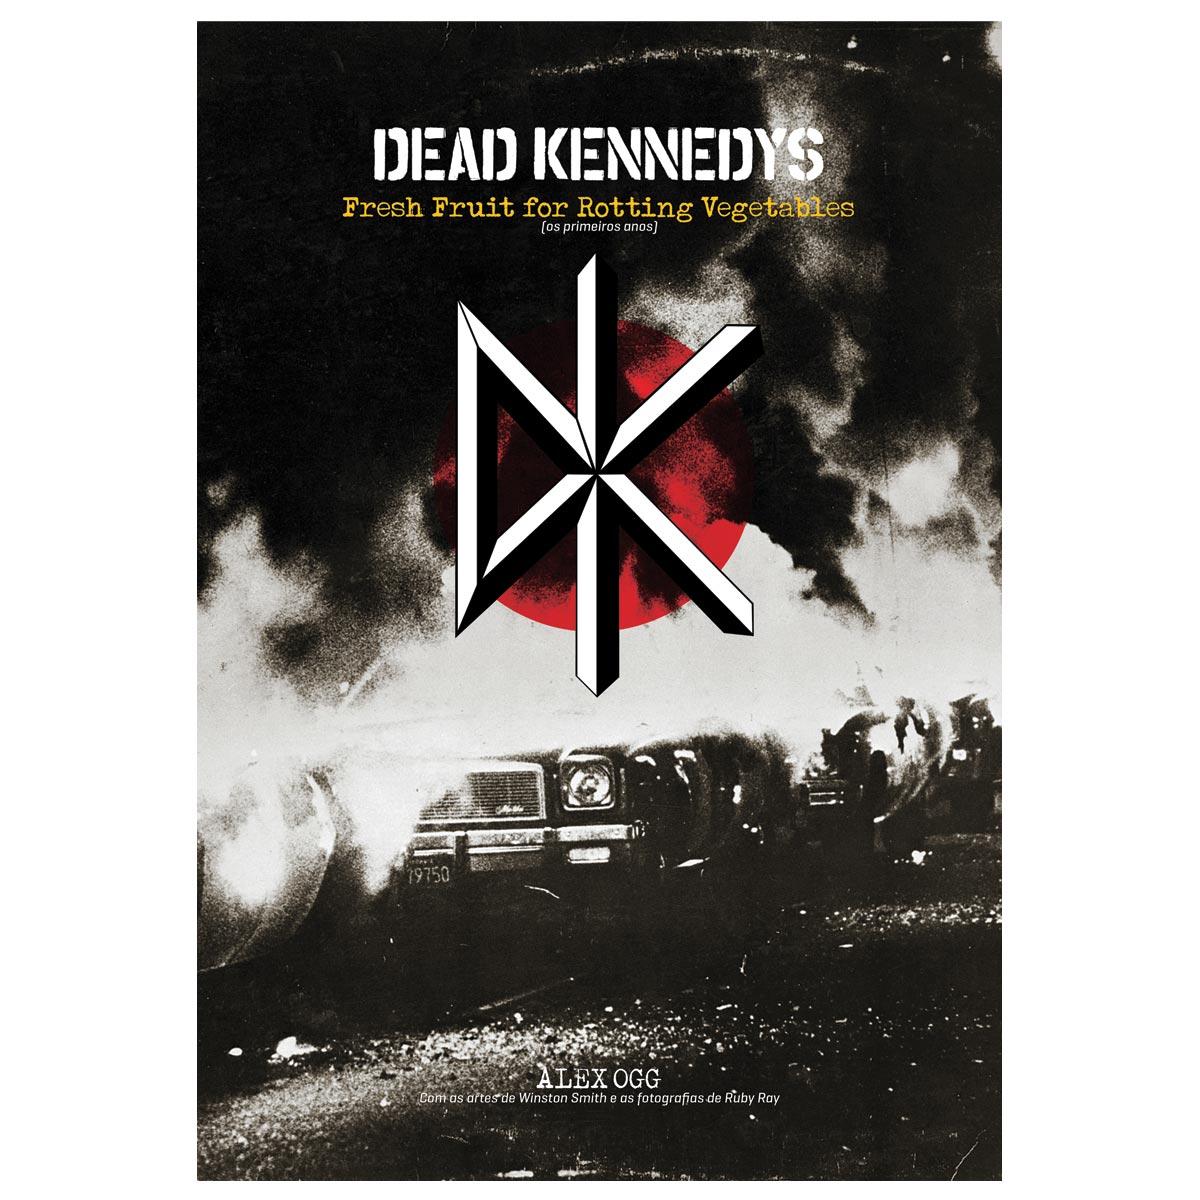 Livro Dead Kennedys Os Primeiros Anos - Brochura